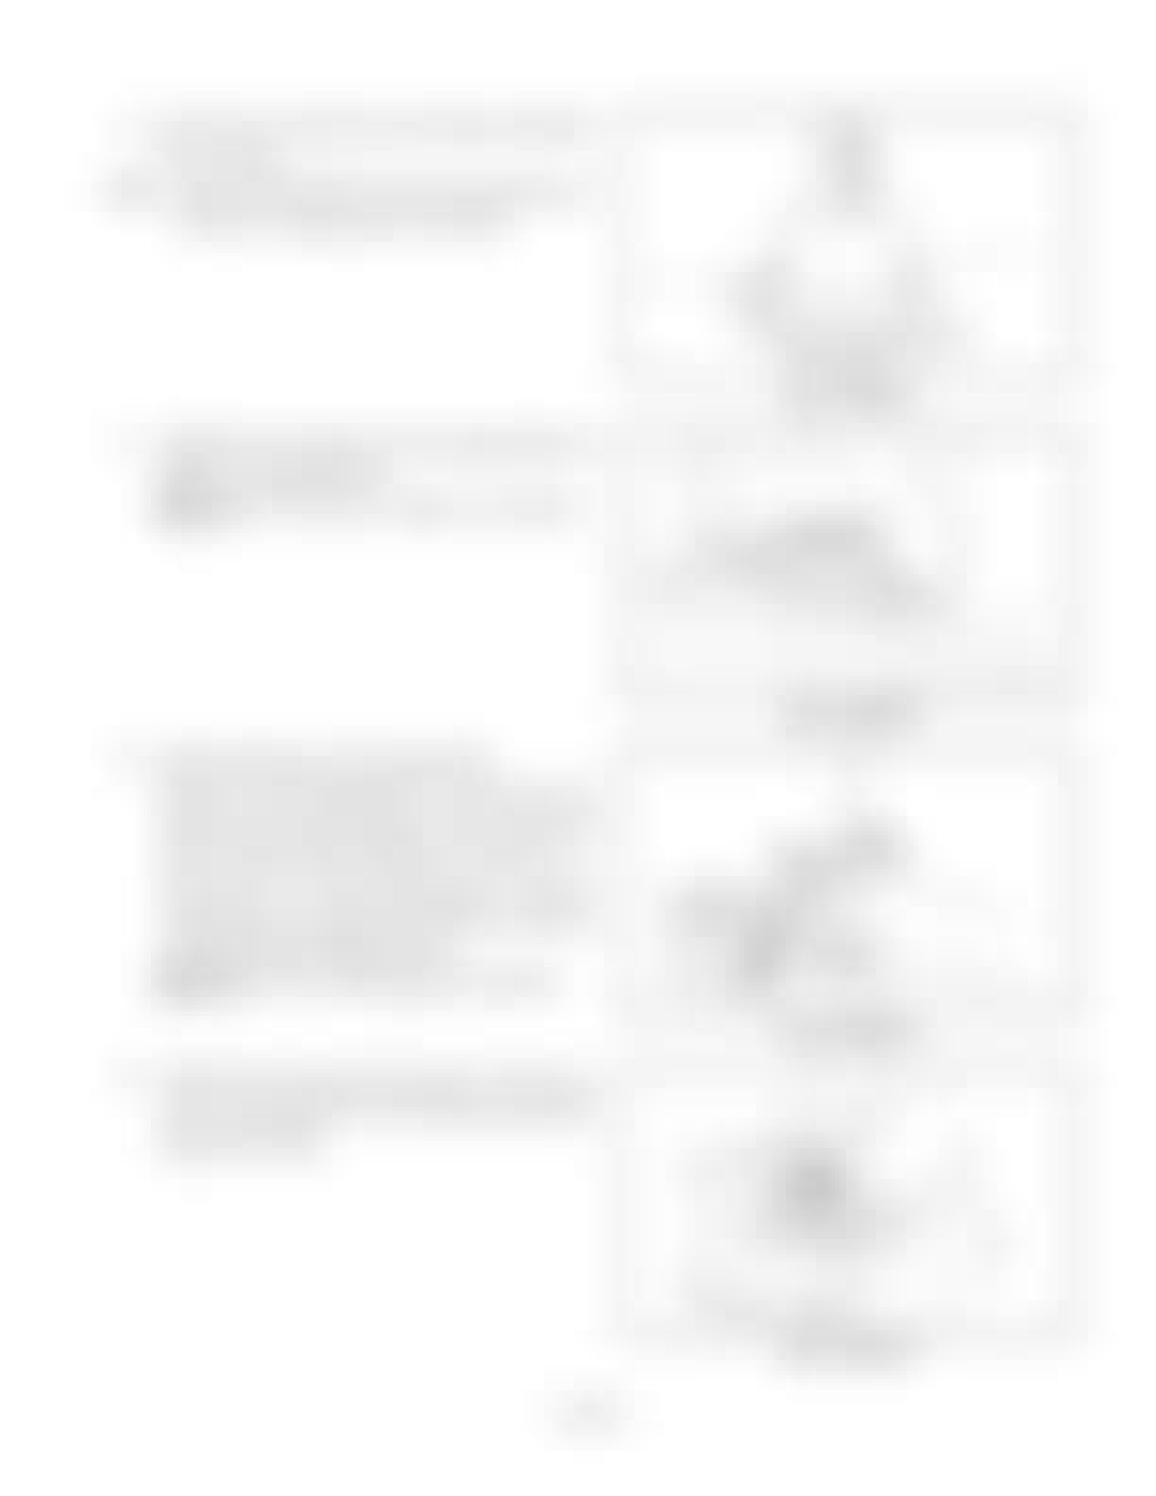 Hitachi LX110-7 LX130-7 LX160-7 LX190-7 LX230-7 Wheel Loader Workshop Manual - PDF DOWNLOAD page 139